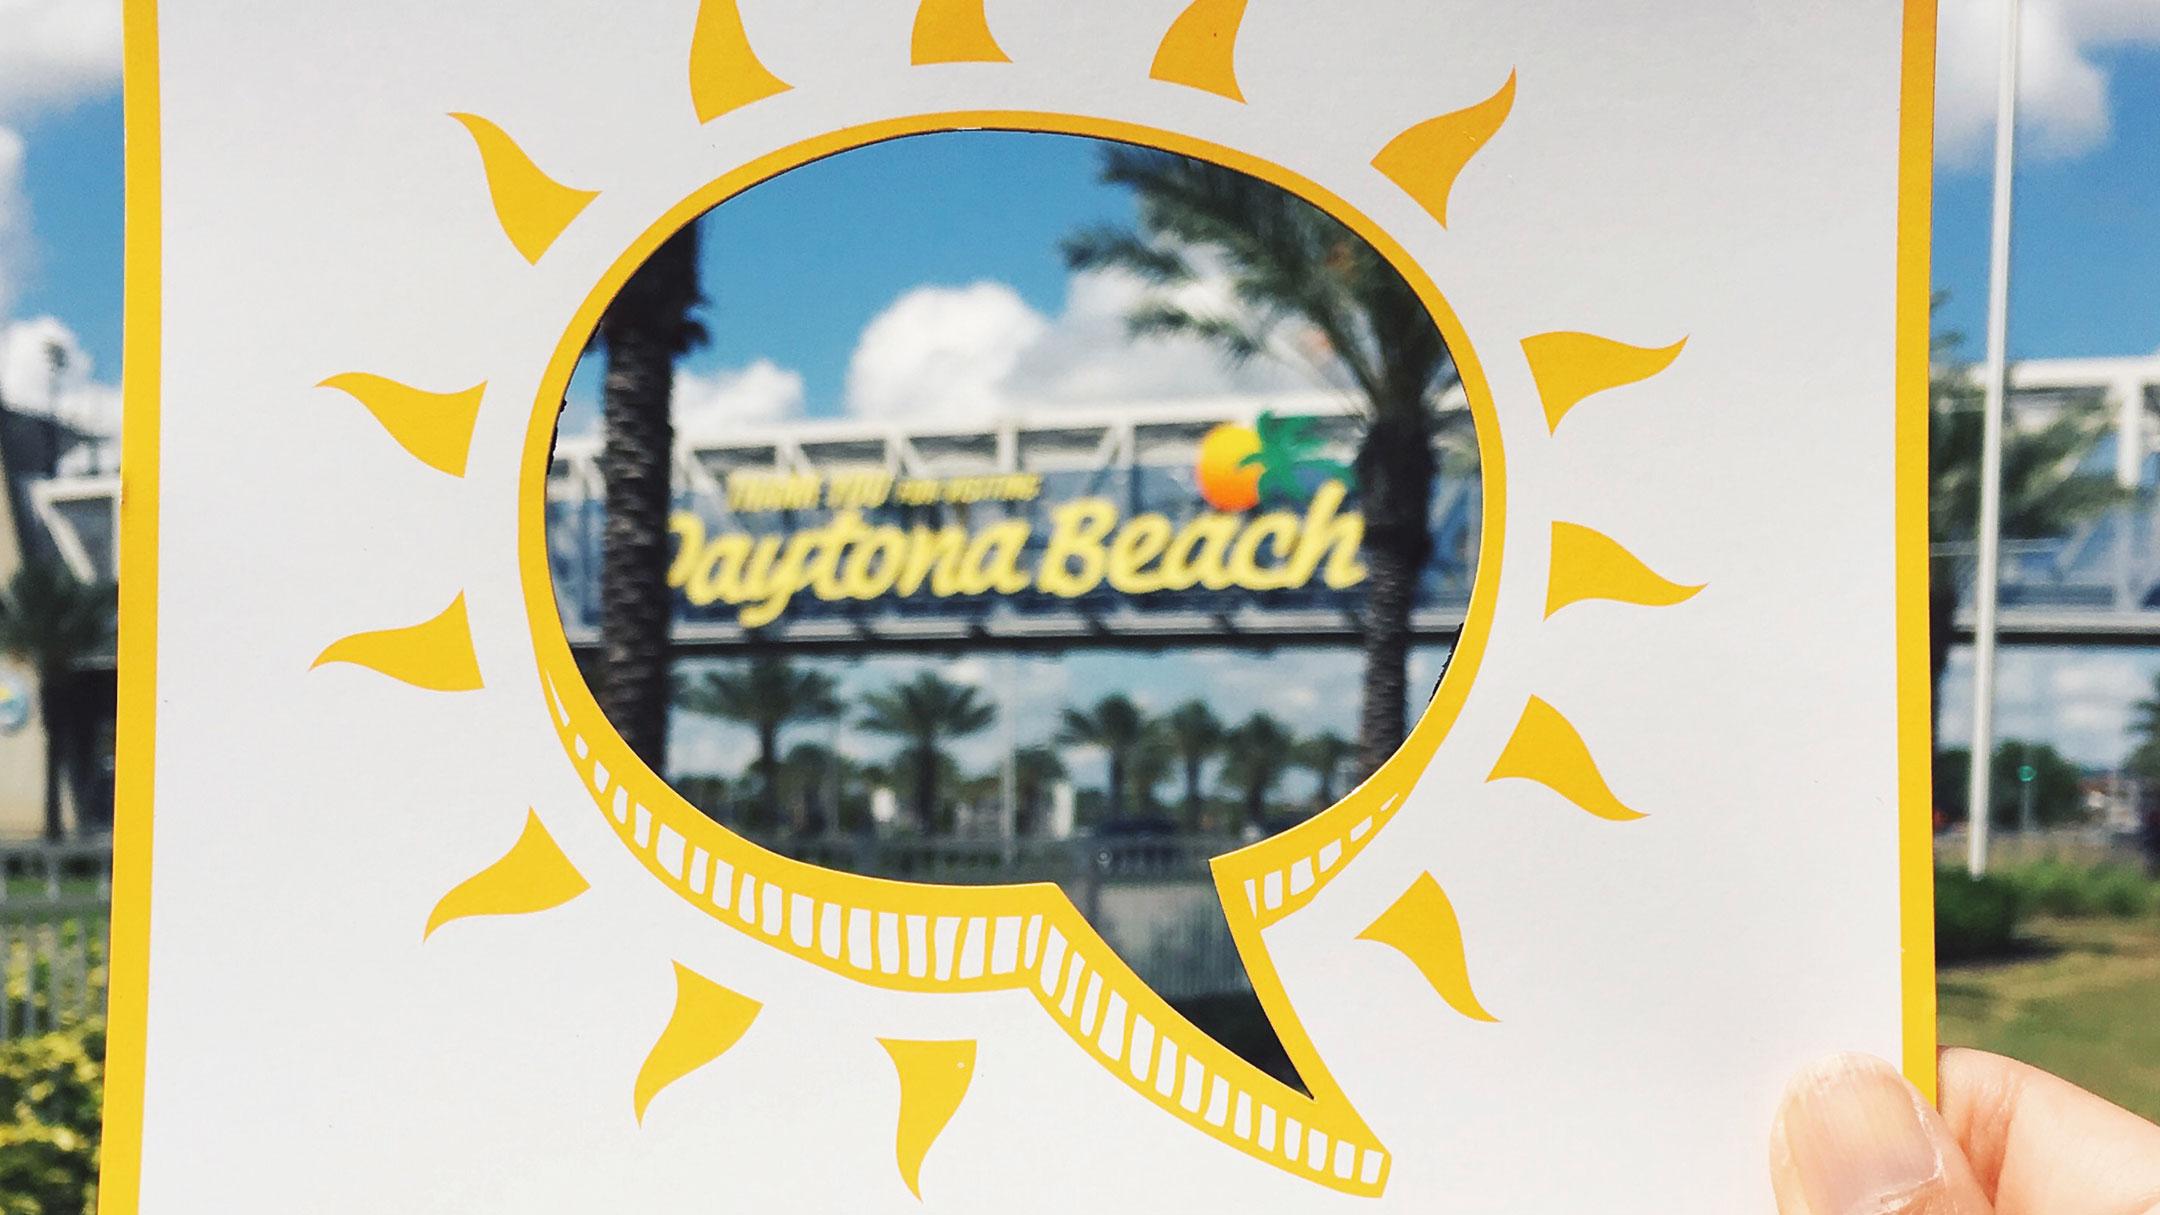 A cut out of a speech bubble highlighting Daytona Beach sign.